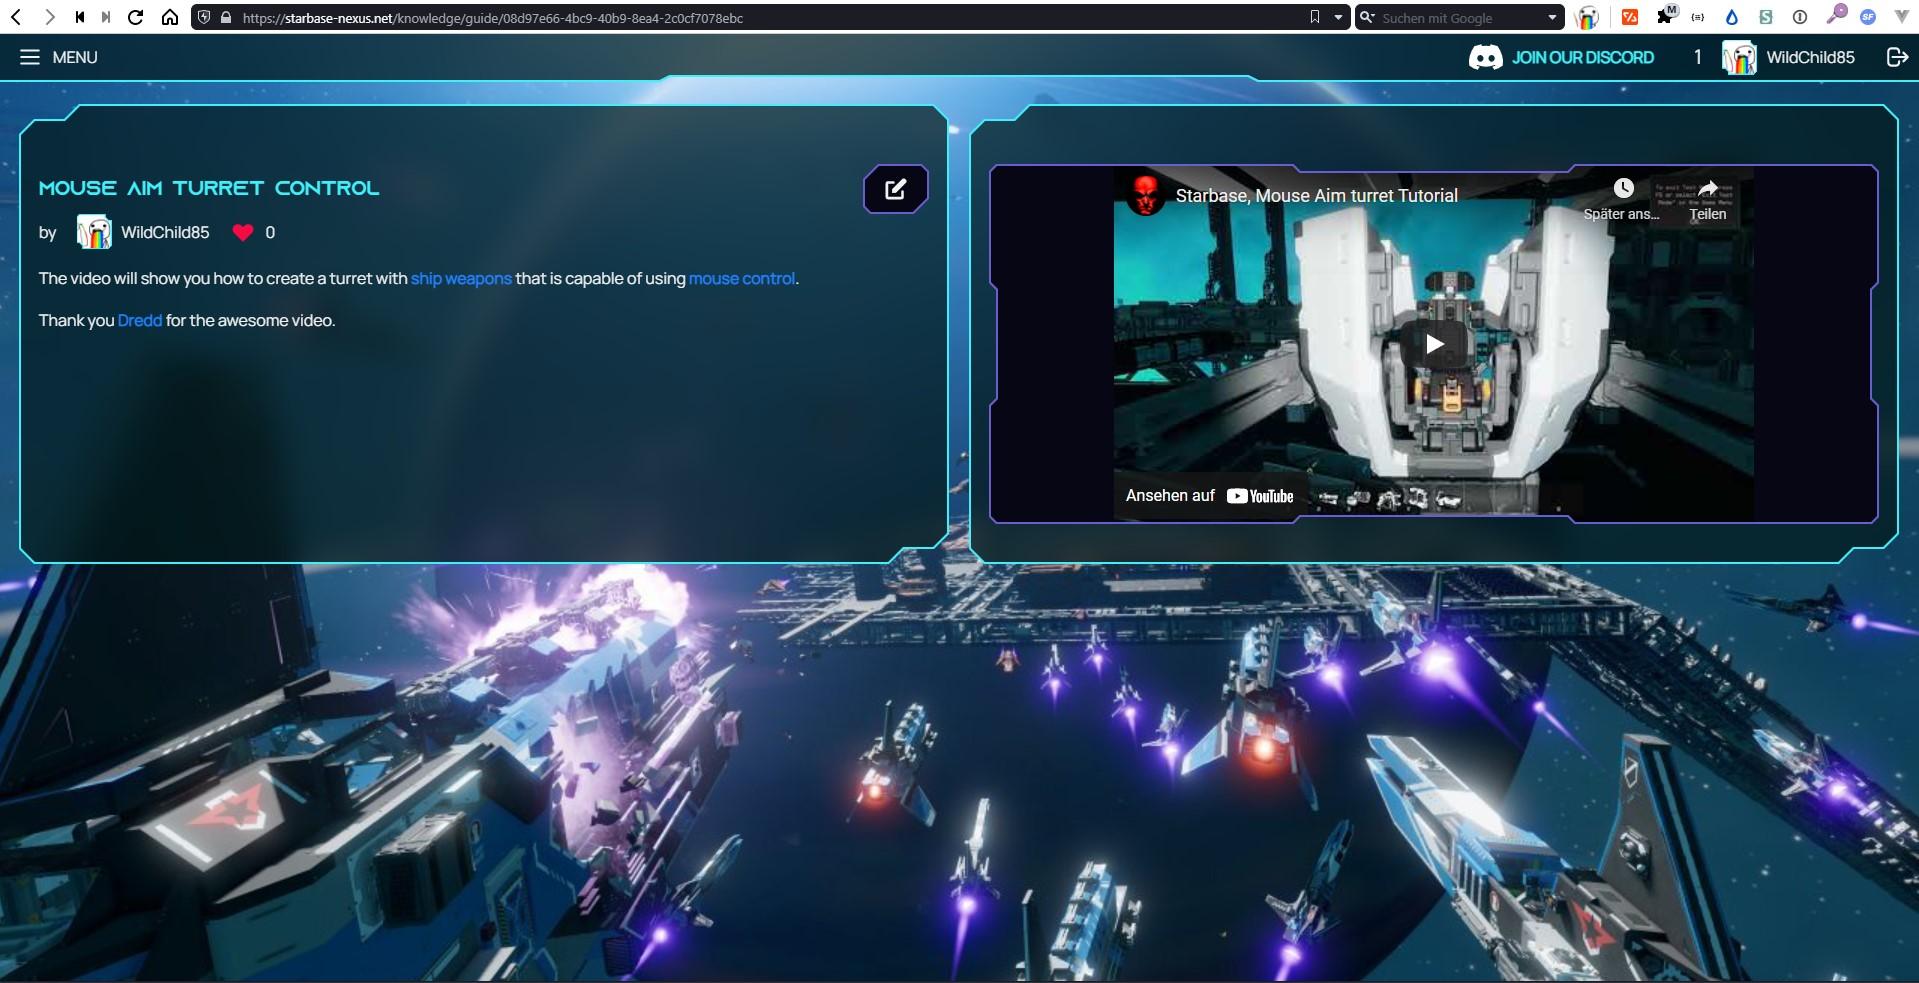 Screenshot 2021-09-23 112635.jpg